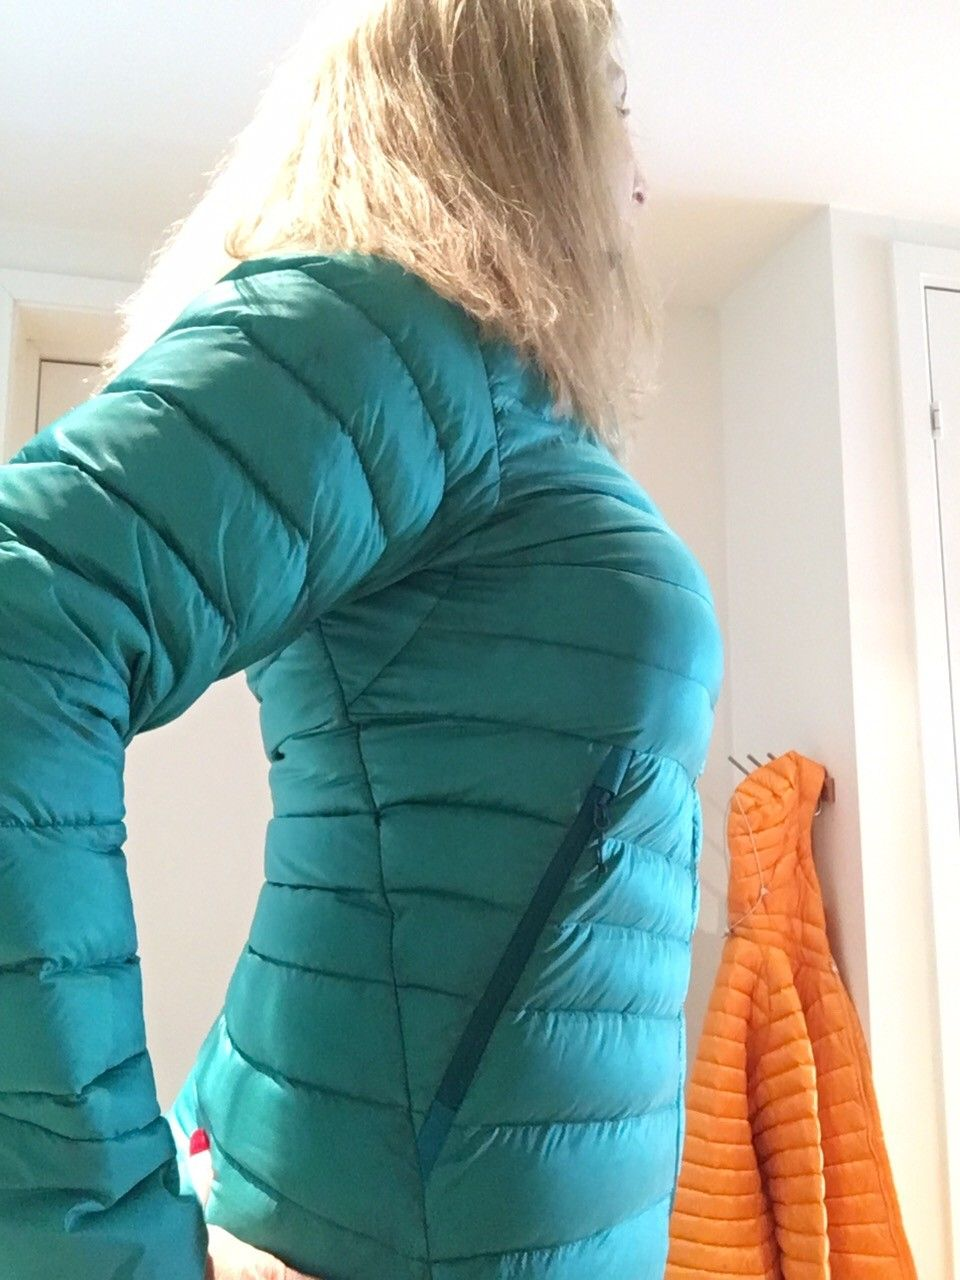 Arc'Teryx dunjakke selges BILLIG! - Ski  - Arc Teryx Cerium LT Hoodie i herlig smaragdgrønn farge i str. M (38) selges for 1500kr   Dette har vært min favorittjakke i 2år, og den har vært med på mange flotte toppturer uten at den bærer preg av det.   Selger også matchende Ar - Ski